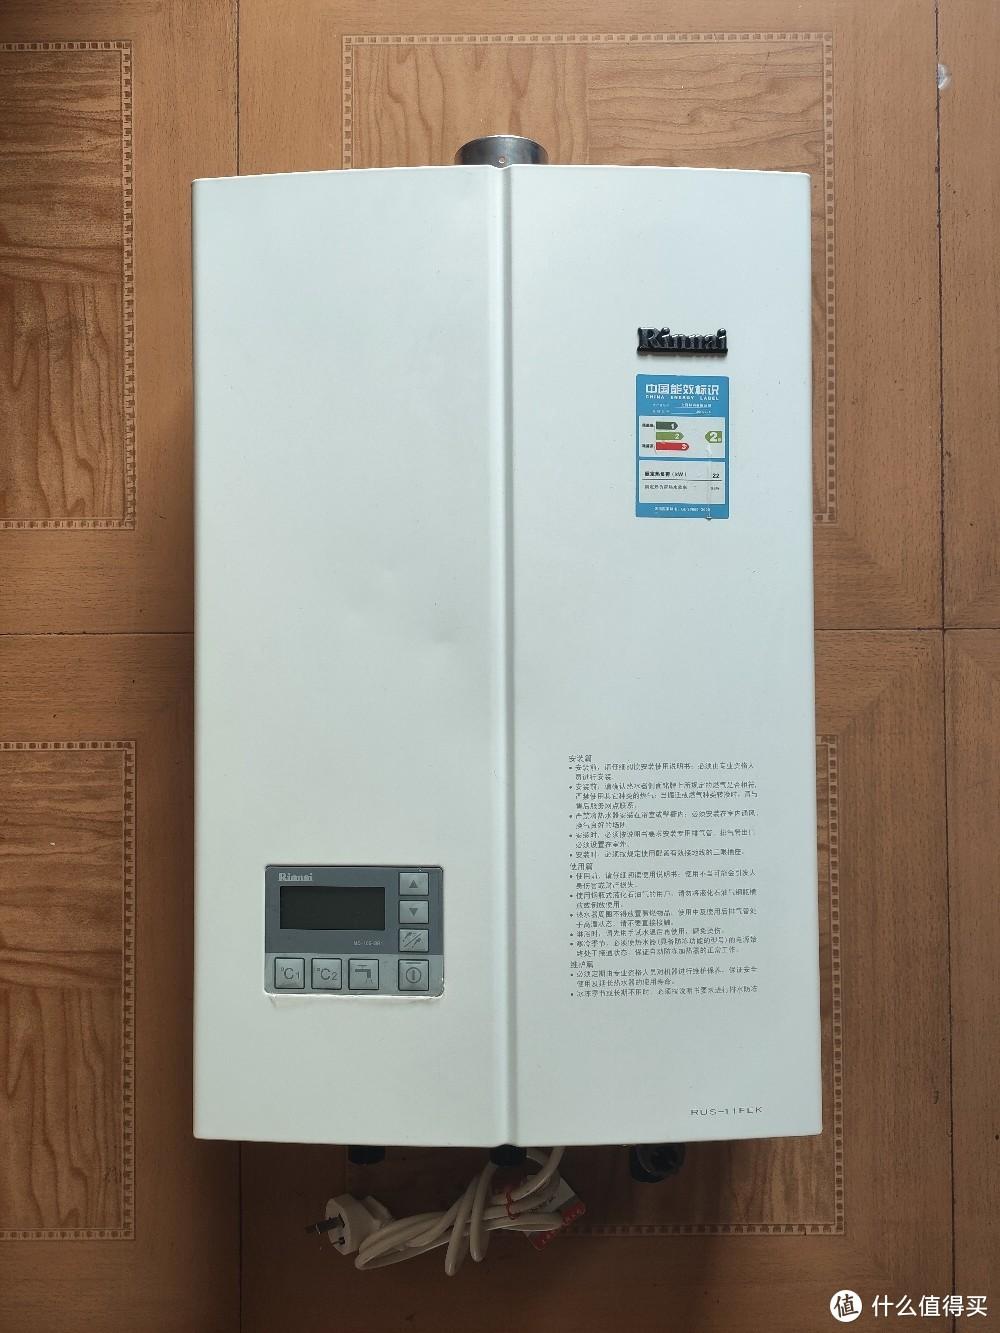 热水器夏天出水太热怎么办?